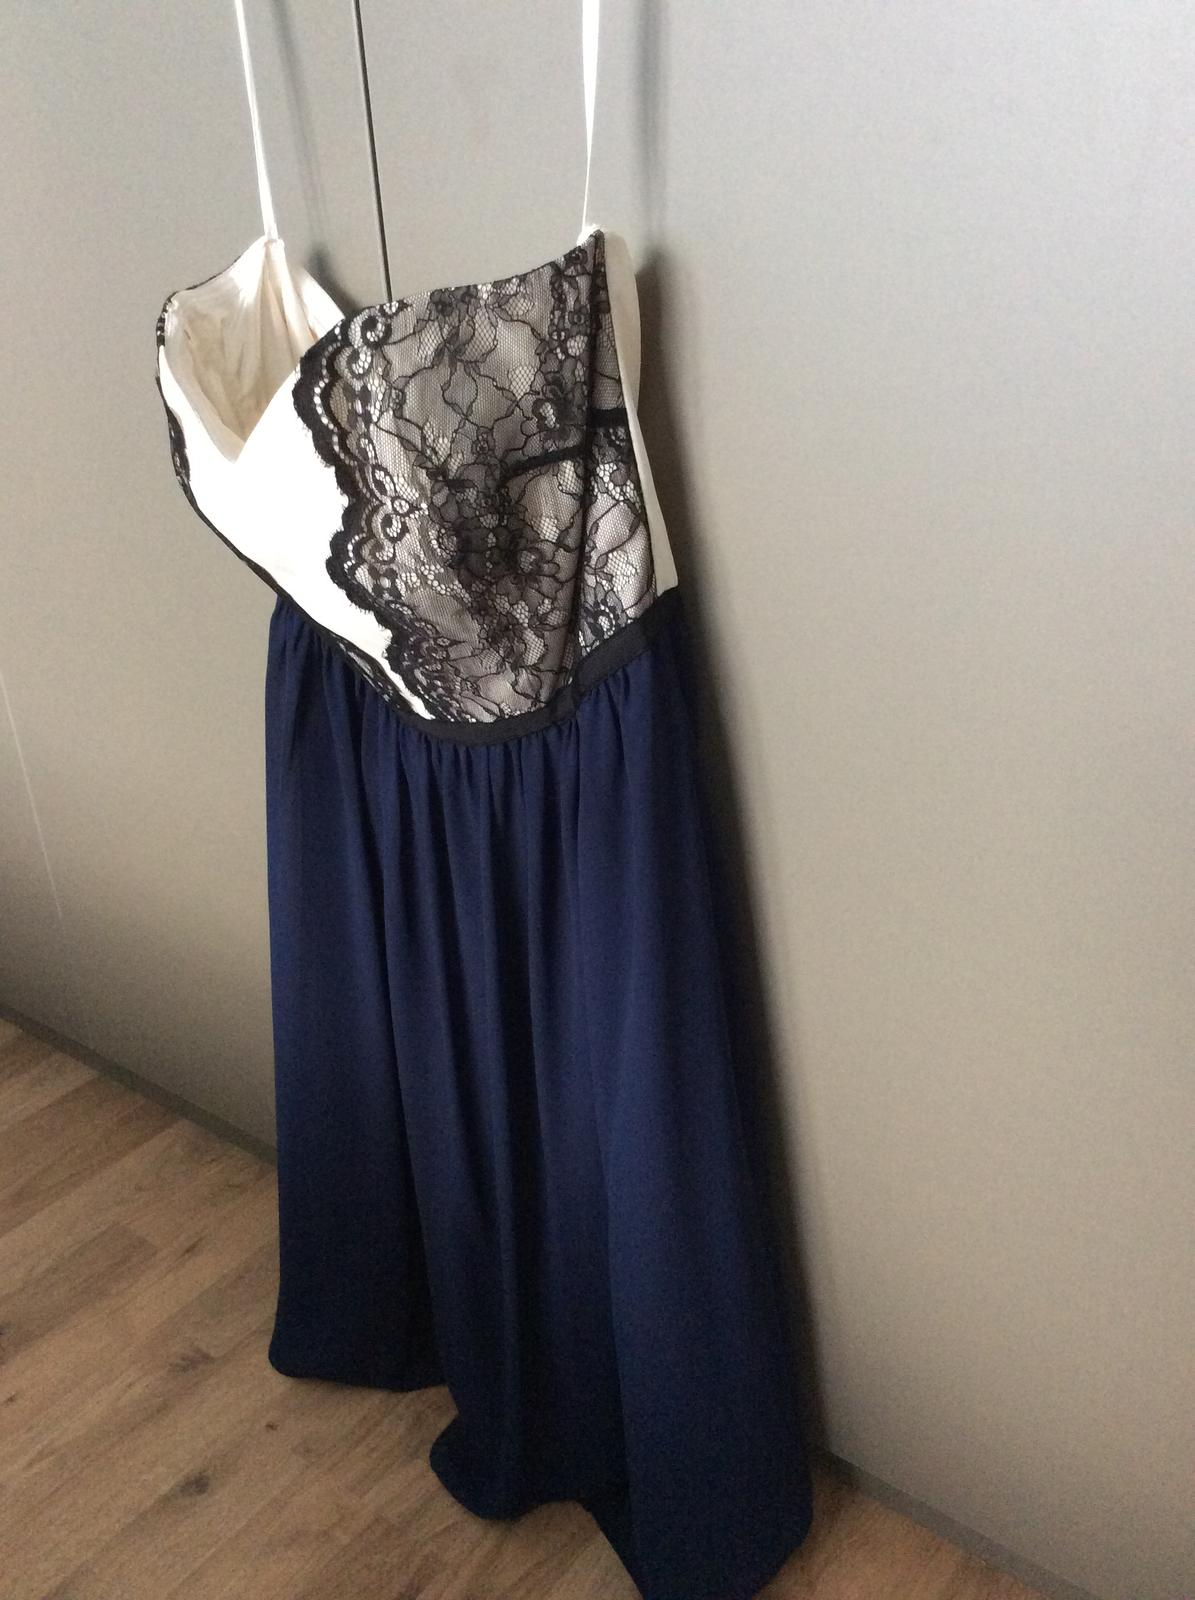 Tmavomodré spoločenské šaty - Obrázok č. 3